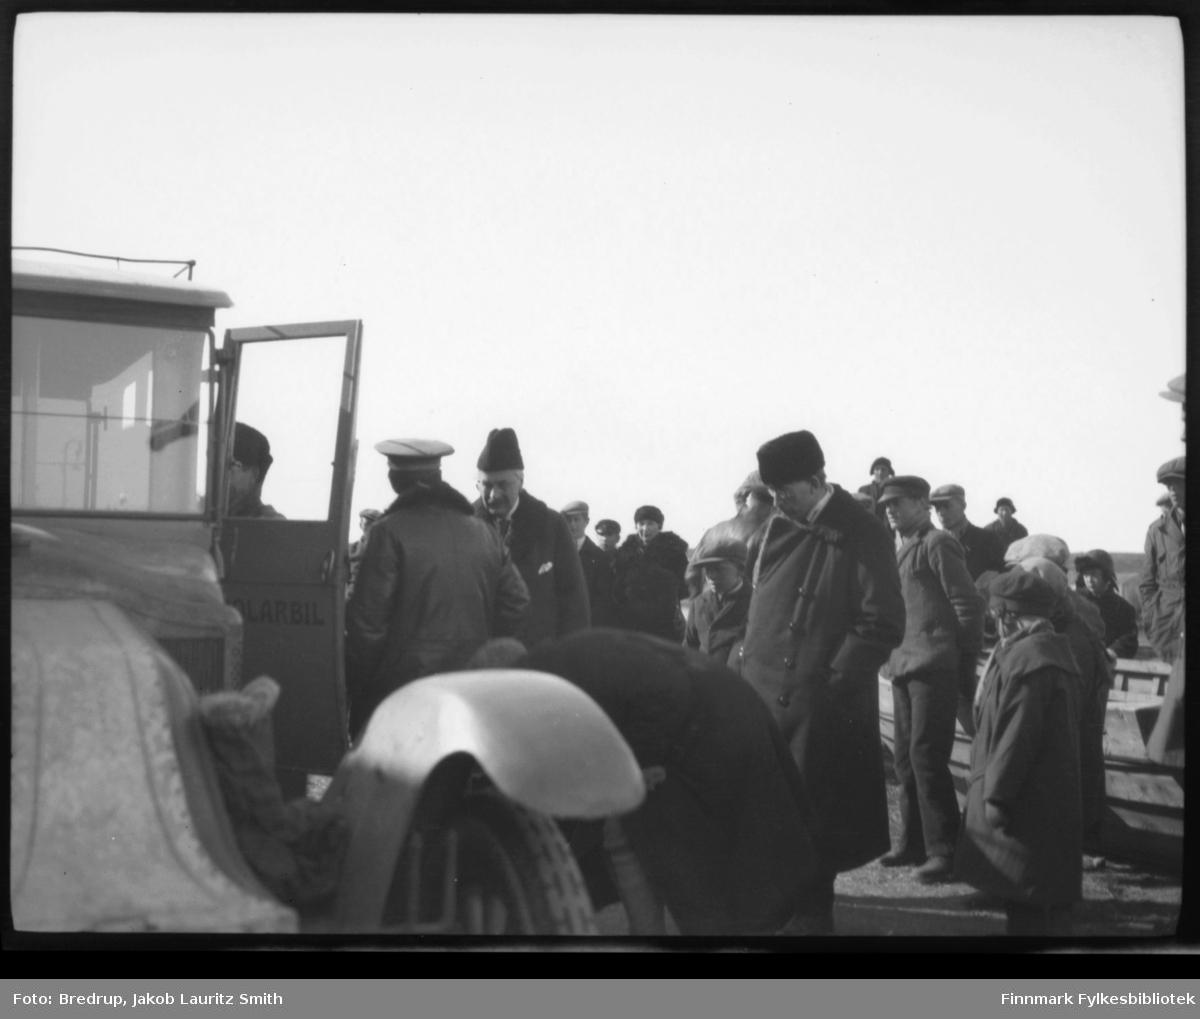 Umberto Nobile (med ryggen til) i ferd med å stige inn i en bil merket Polarbil i mai 1926.  En person er halvveis inne i bilen, Nobile snakker med et par herrer i hatt og lange frakker. En av dem kan være fylkesmann Hagbart Lund (til venstre med hvitt lommetørkle i frakkelommen). Rundt følget er det et yrende folkeliv. Bildet er tatt under luftskipet Norges mellomlanding i Vadsø. Nobile er antakelig på vei tilbake til luftskipet etter den offisielle lunsjen som ble holdt for luftskipets offiserer av fylkesmann Lund.  Personen til høyre for Lund er antakelig prost Beronka, som var tolk for det italienske følget.  Siden bilen er med på bildet, tror vi dette er tatt på fastlandet.  Og det ser mer ut som en avskjed enn en velkomst. Polarbil var et rutebilselskap etablert i 1920. Selskapet drev rutetrafikk i Øst-Finnmark. 1. januar 1976 ble selskapet overtatt av Finnmark Fylkesrederi og Ruteselskap (FFR). Rutebilen er en Renault; karakteristisk med det merkelige panseret og radiatoren bak motoren. Den hadde registreringsnummer Y-103. Rutebilen står omtalt i Bilboken for Norge 1922, 25 og 27, siste år omregistrert til lastebil.